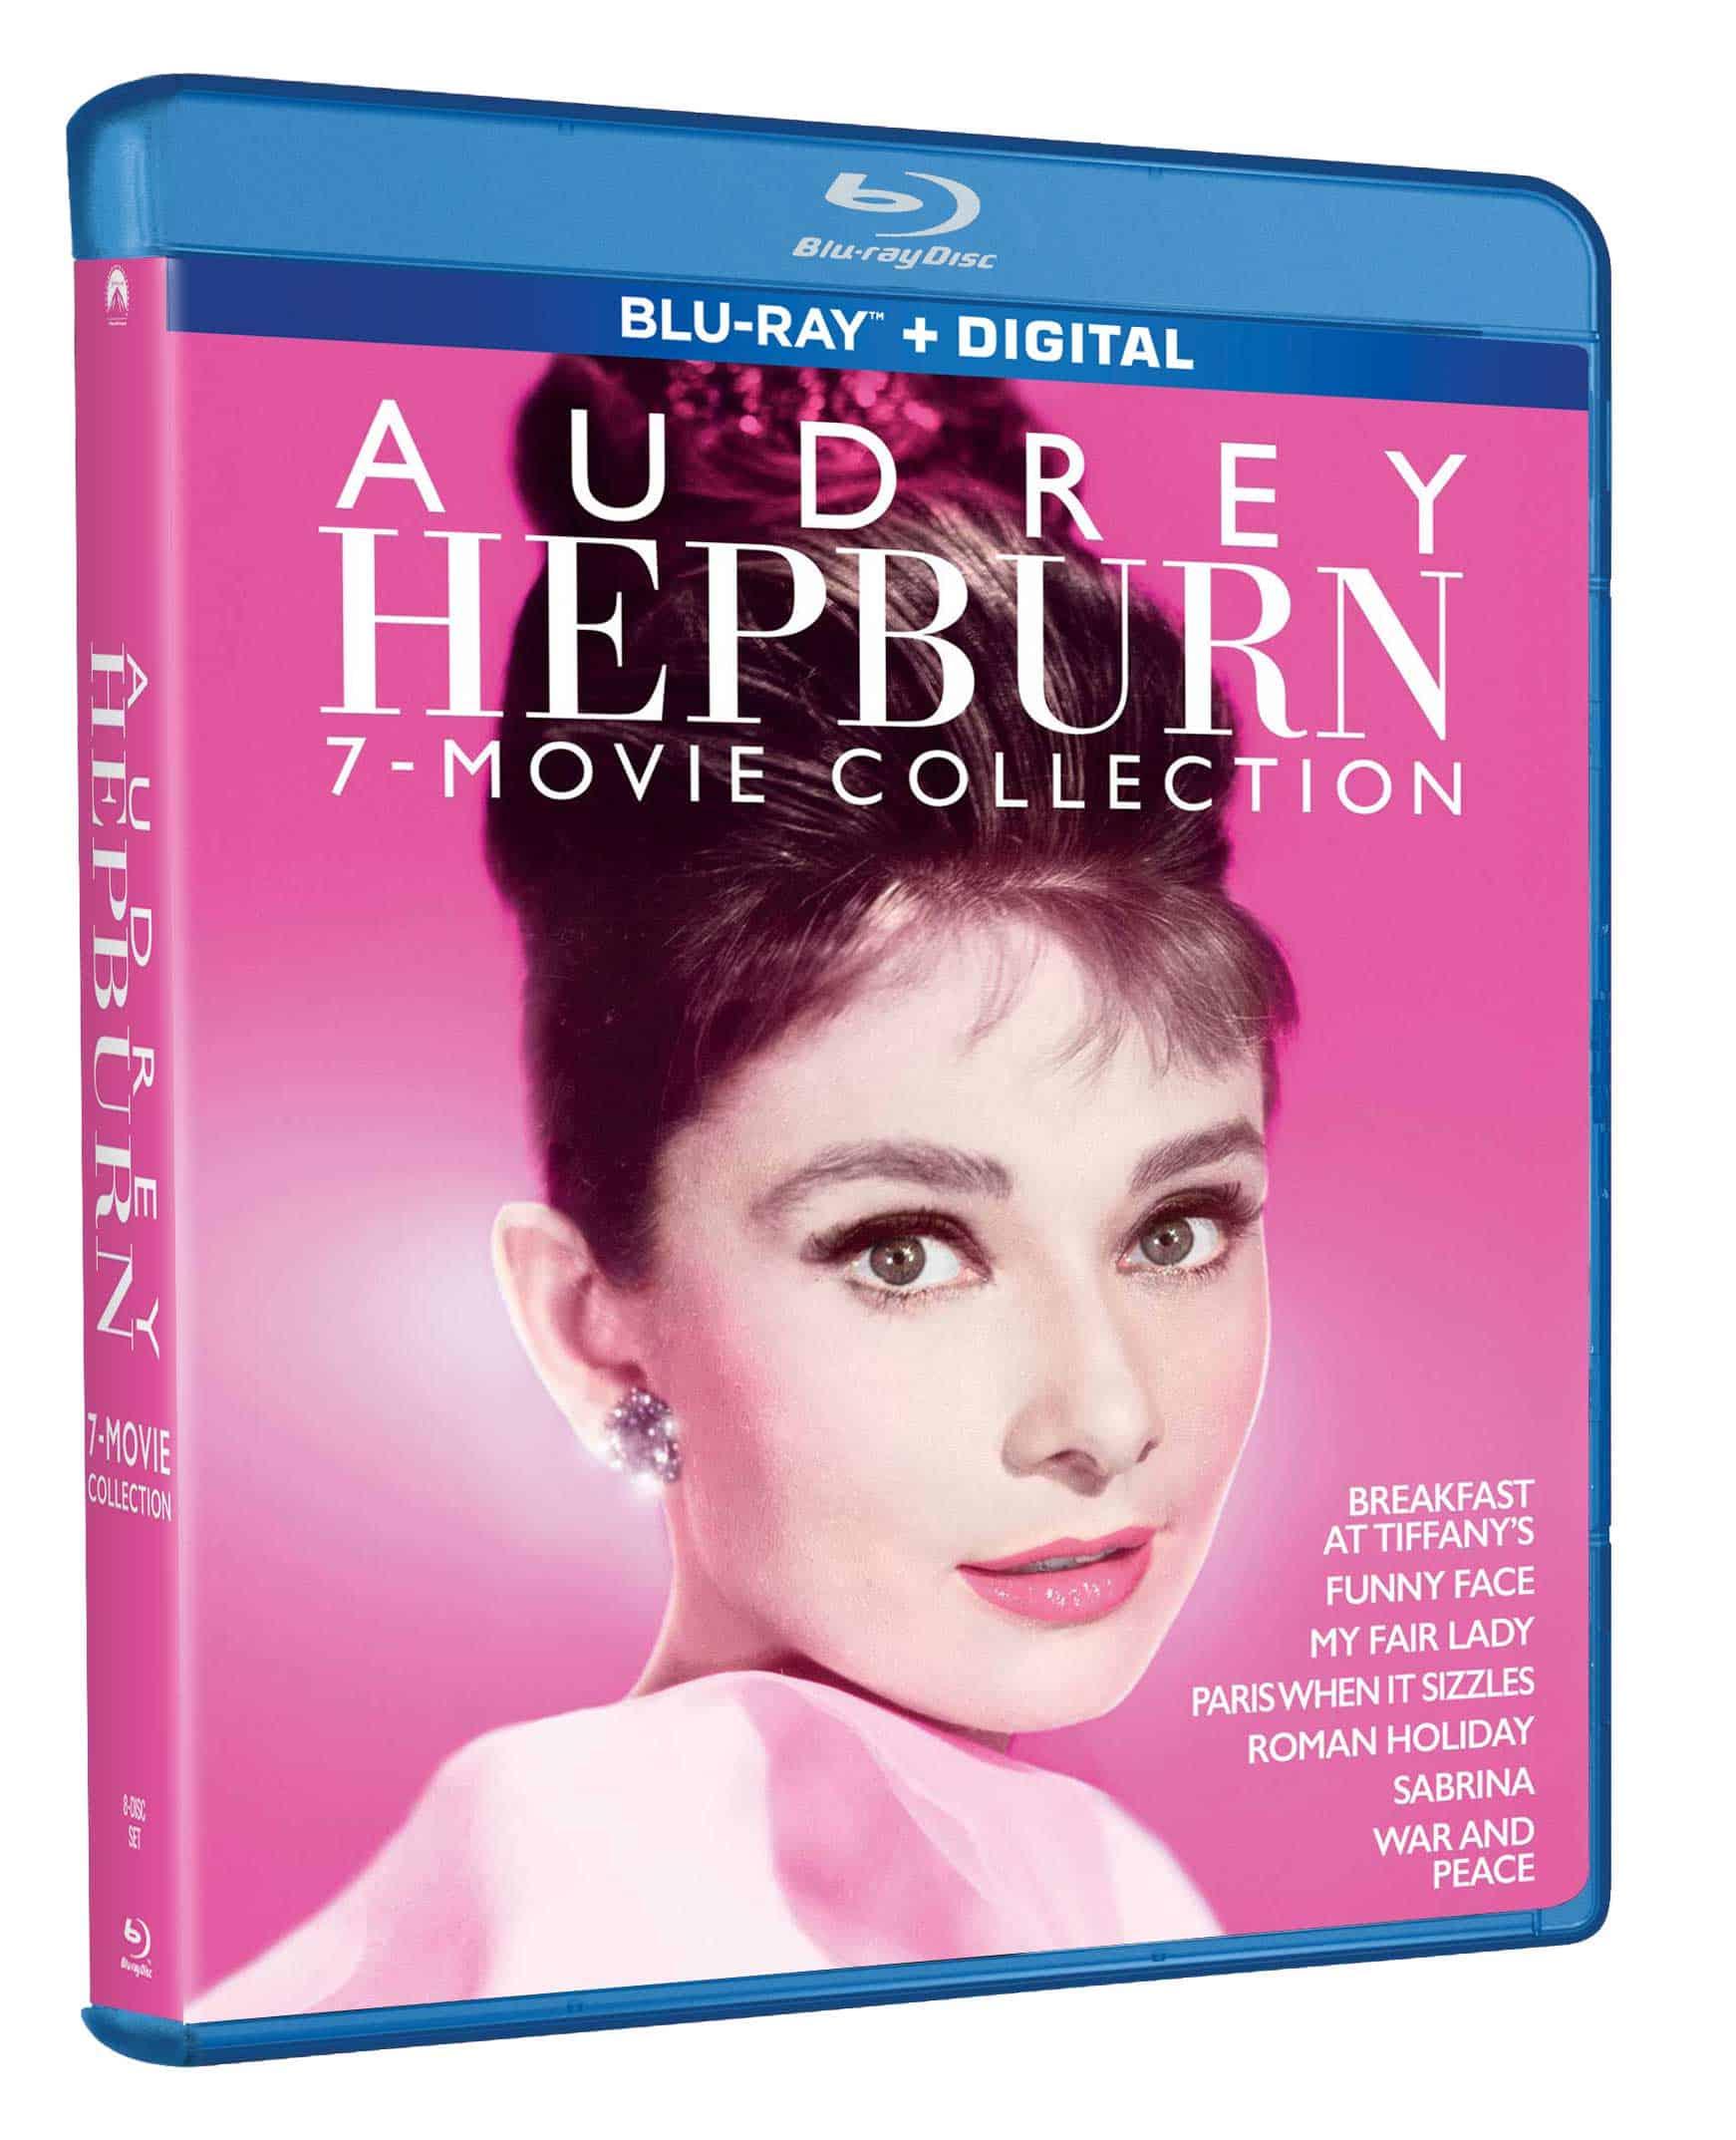 Audrey Hepburn 7 Film Collection Bluray 1